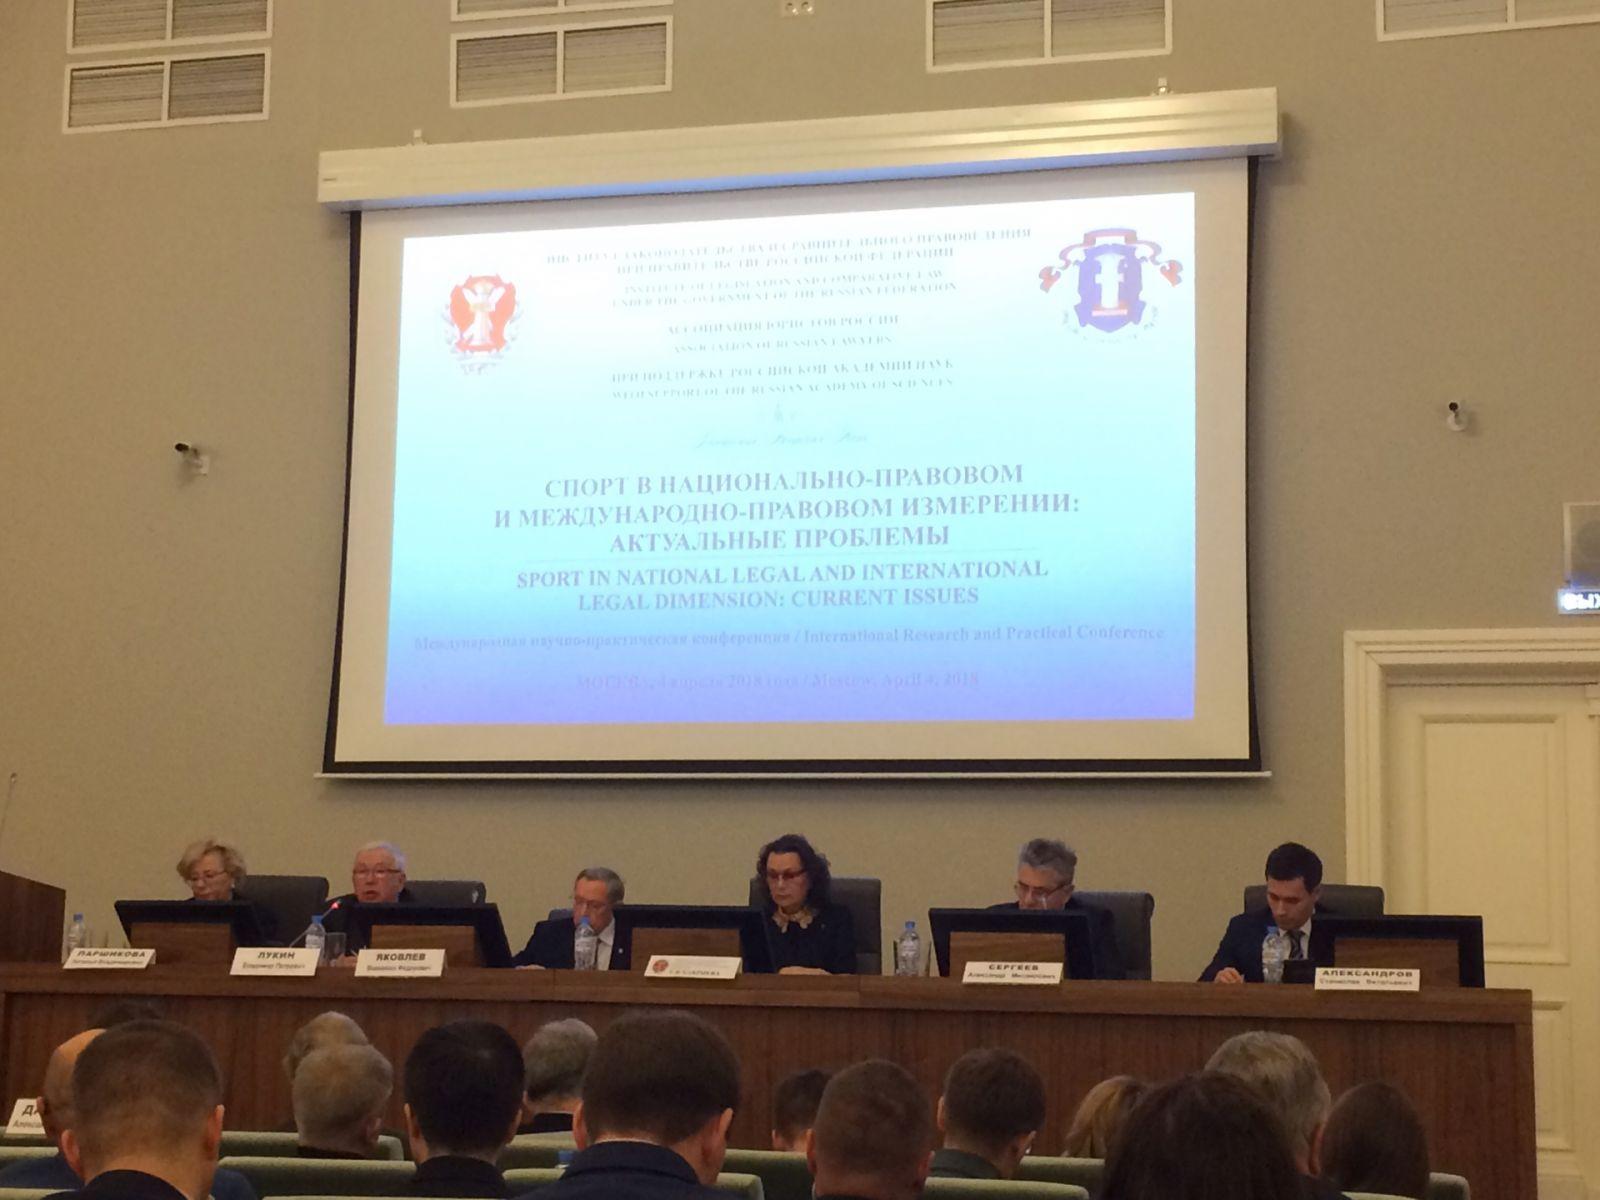 В.П. Лукин в г. Москве выступил с приветственным словом на Открытии Международной практической конференции «Спорт в национально-правовом и международно-правовом измерении: актуальные проблемы»